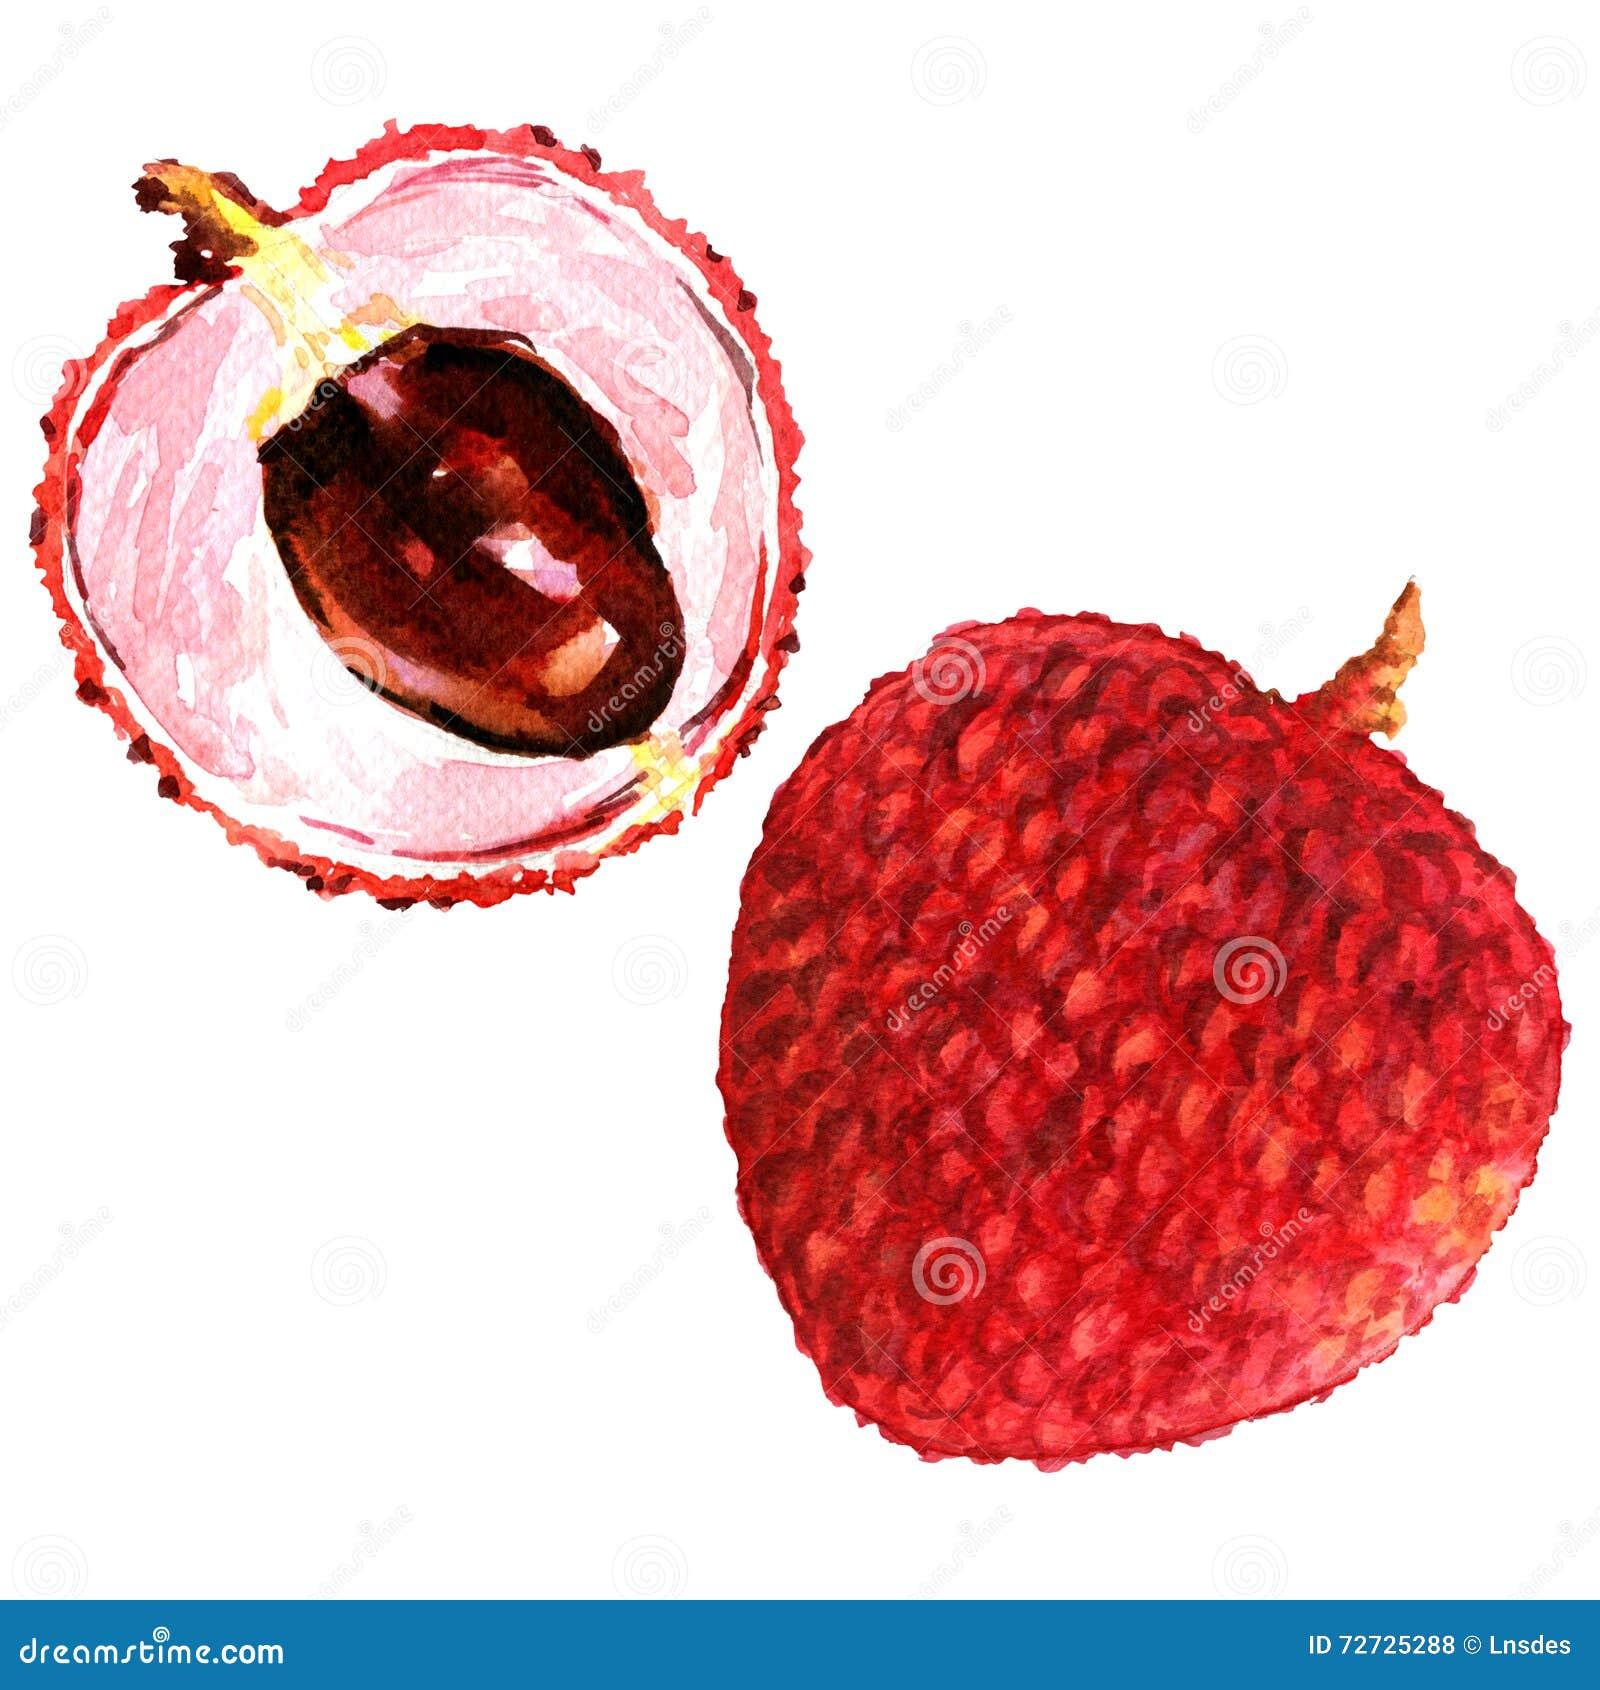 Τα γλυκά φρέσκα lychees φρούτα κλείνουν επάνω απομονωμένος, απεικόνιση watercolor